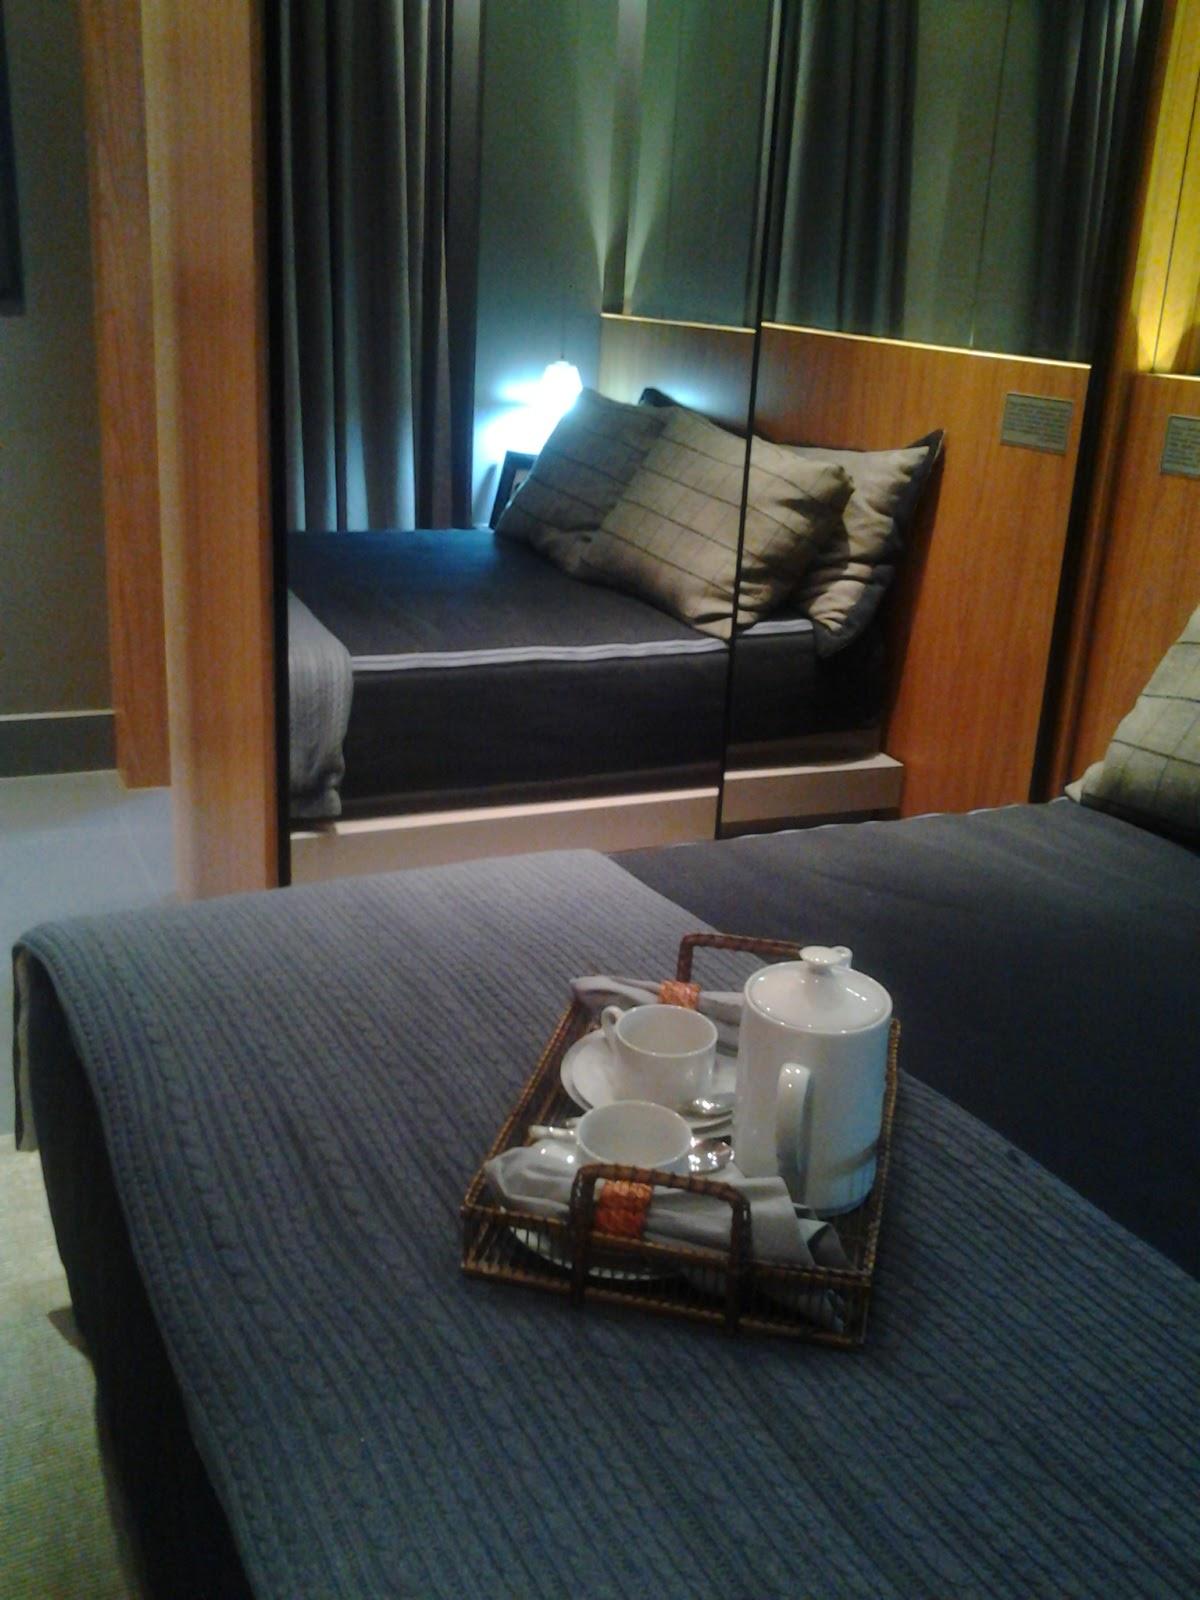 Imagens de #2D829E Decora Inova : Apartamento moderno de 55 m²: um mix de materiais bem  1200x1600 px 2866 Box Banheiro Jf